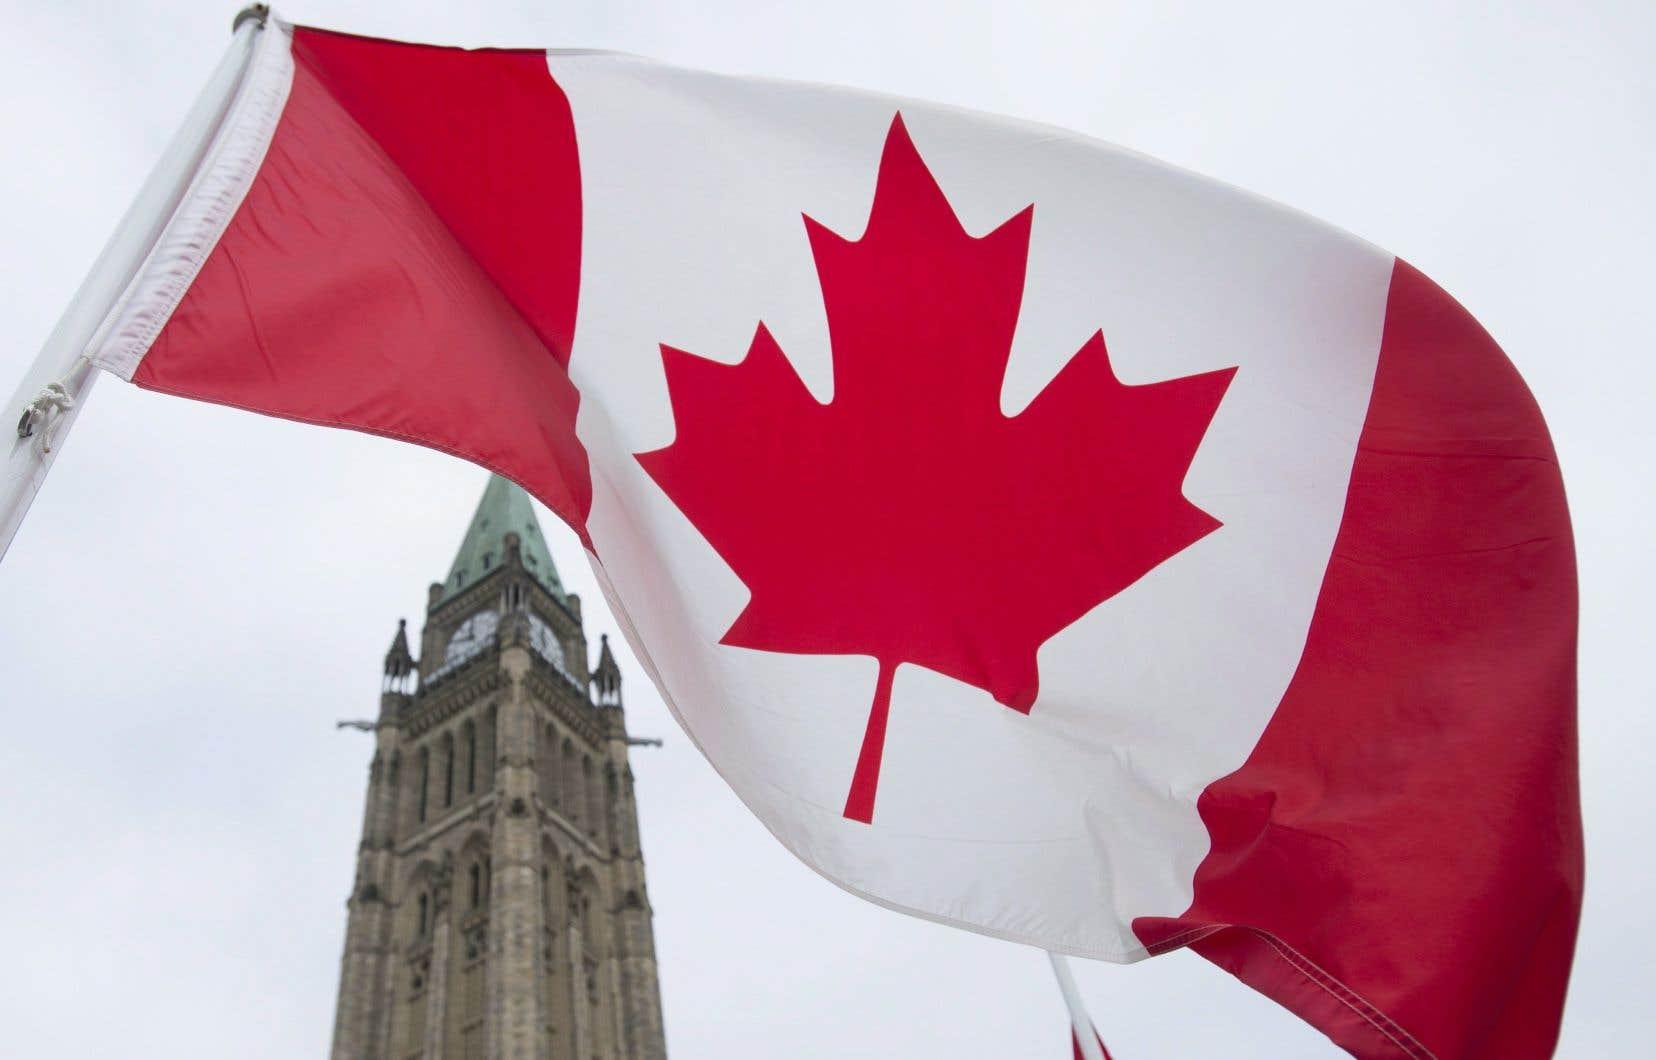 Une fois de plus, l'Ontario fera ou défera le prochain gouvernement. Comme à chaque élection, libéraux et conservateurs s'y livrent une chaude lutte.